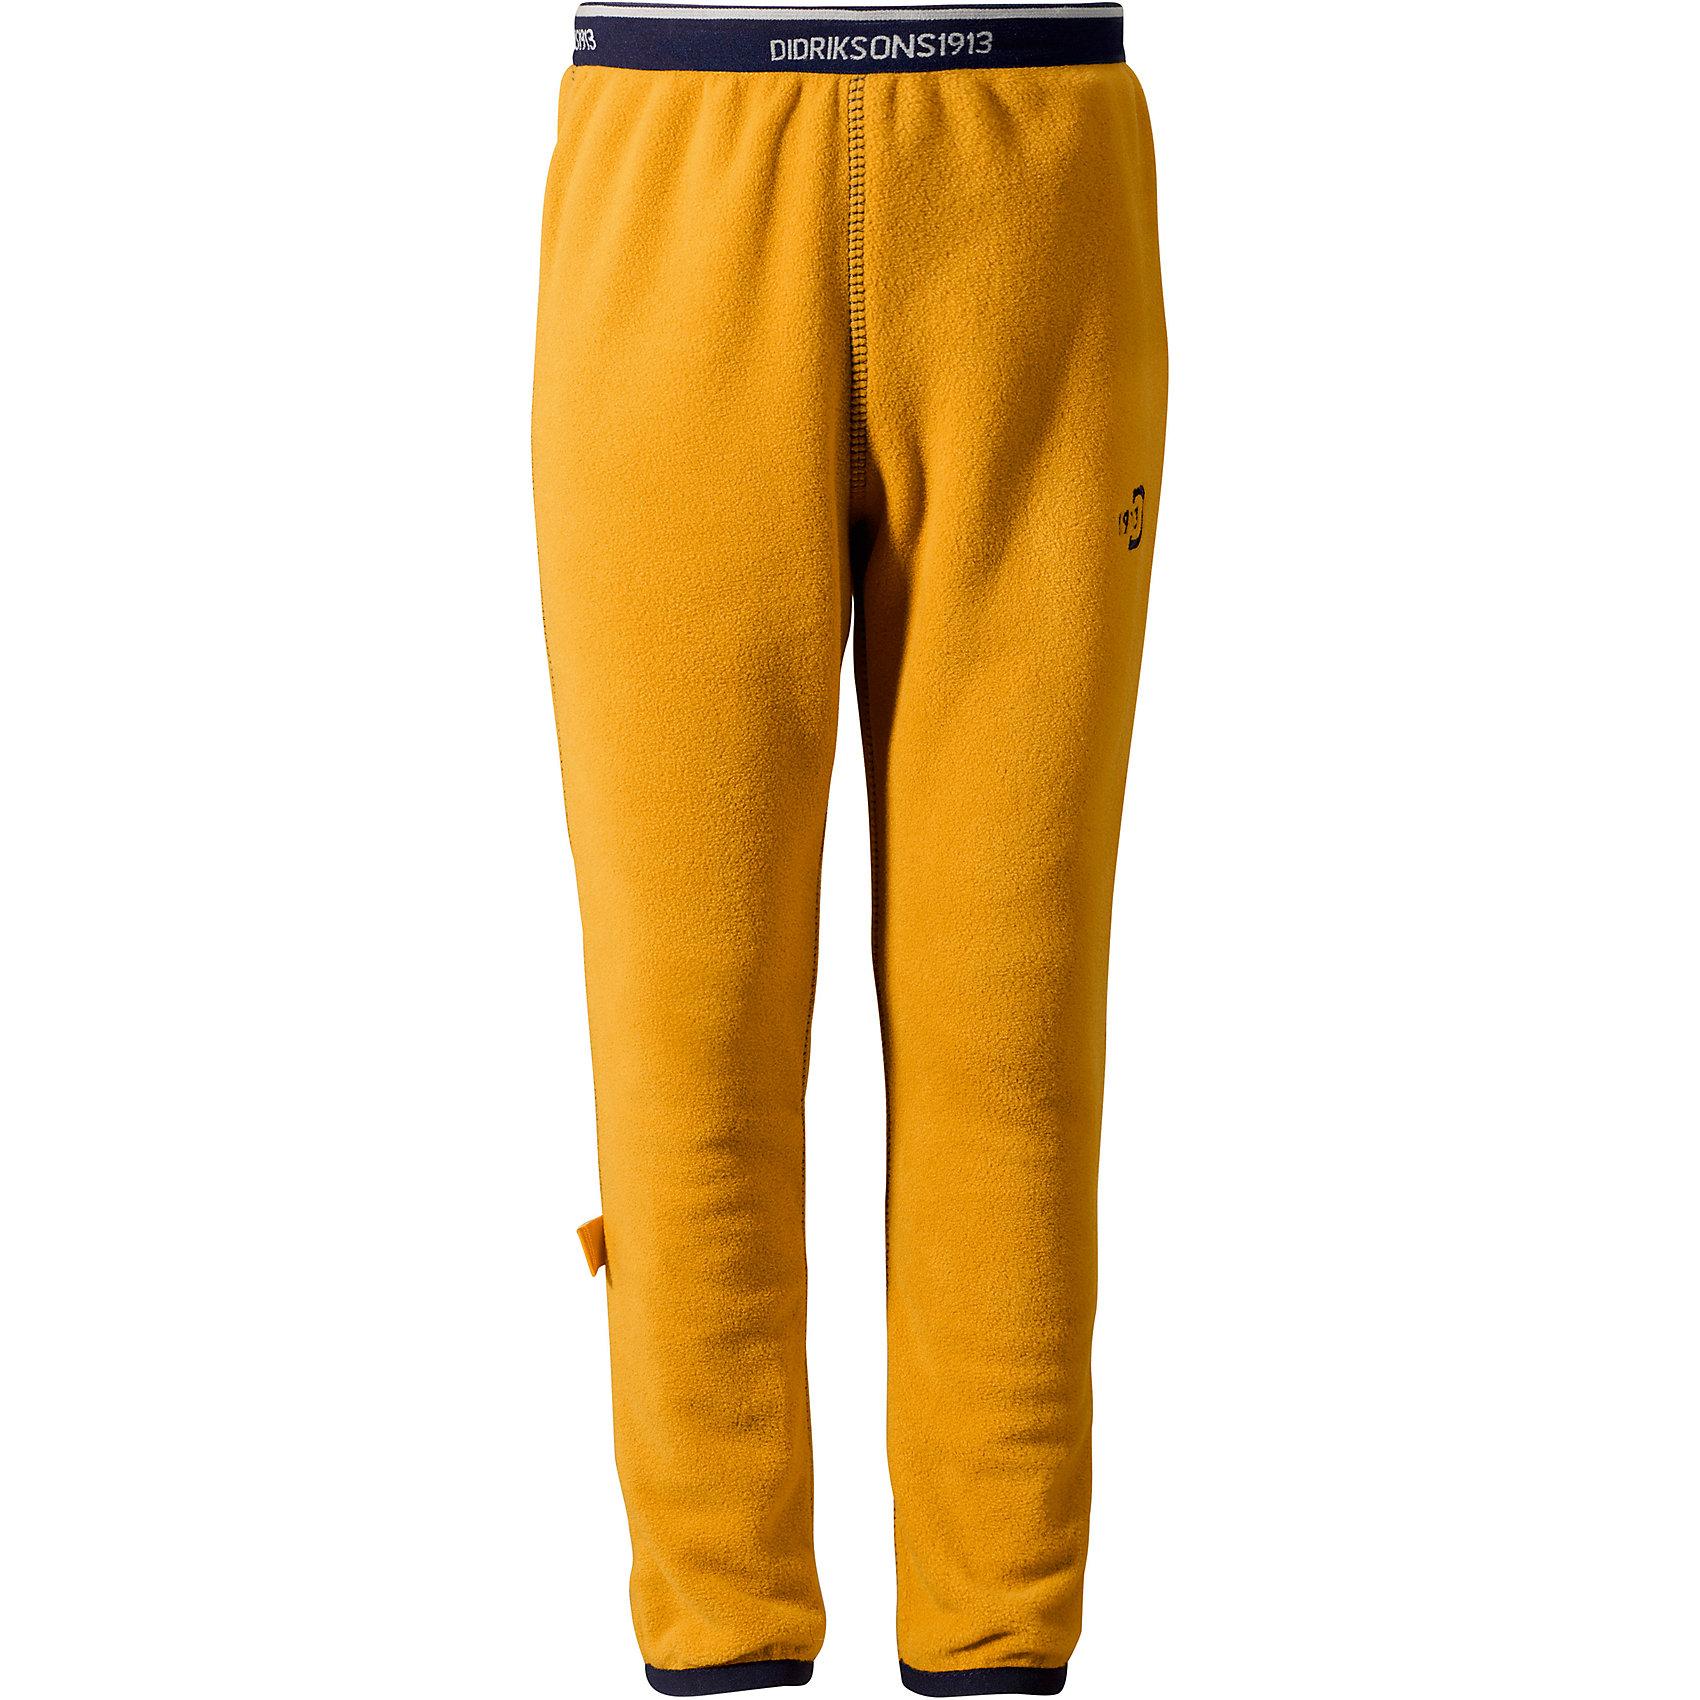 Брюки флисовые Monte Kids DIDRIKSONSФлис и термобелье<br>Характеристики товара:<br><br>• цвет: оранжевый<br>• материал: 100% полиэстер<br>• флис<br>• резинка на поясе<br>• можно надевать под одежду<br>• страна бренда: Швеция<br>• страна производства: Китай<br><br>Такие мягкие брюки сейчас очень популярны у детей! Это не только стильно, но еще и очень комфортно, а также тепло. Качественные флисовые брюки обеспечат ребенку удобство при прогулках и активном отдыхе в прохладные дне, в межсезонье или зимой. Такая модель от шведского производителя легко стирается, подходит под разные погодные условия.<br>Модель сшита из качественной мягкой ткани, которая позволяет телу дышать, она очень приятна на ощупь. Очень стильная и удобная модель! Изделие качественно выполнено, сделано из безопасных для детей материалов. <br><br>Брюки от бренда DIDRIKSONS можно купить в нашем интернет-магазине.<br><br>Ширина мм: 215<br>Глубина мм: 88<br>Высота мм: 191<br>Вес г: 336<br>Цвет: оранжевый<br>Возраст от месяцев: 12<br>Возраст до месяцев: 15<br>Пол: Унисекс<br>Возраст: Детский<br>Размер: 80,120,110,100,90<br>SKU: 5003923